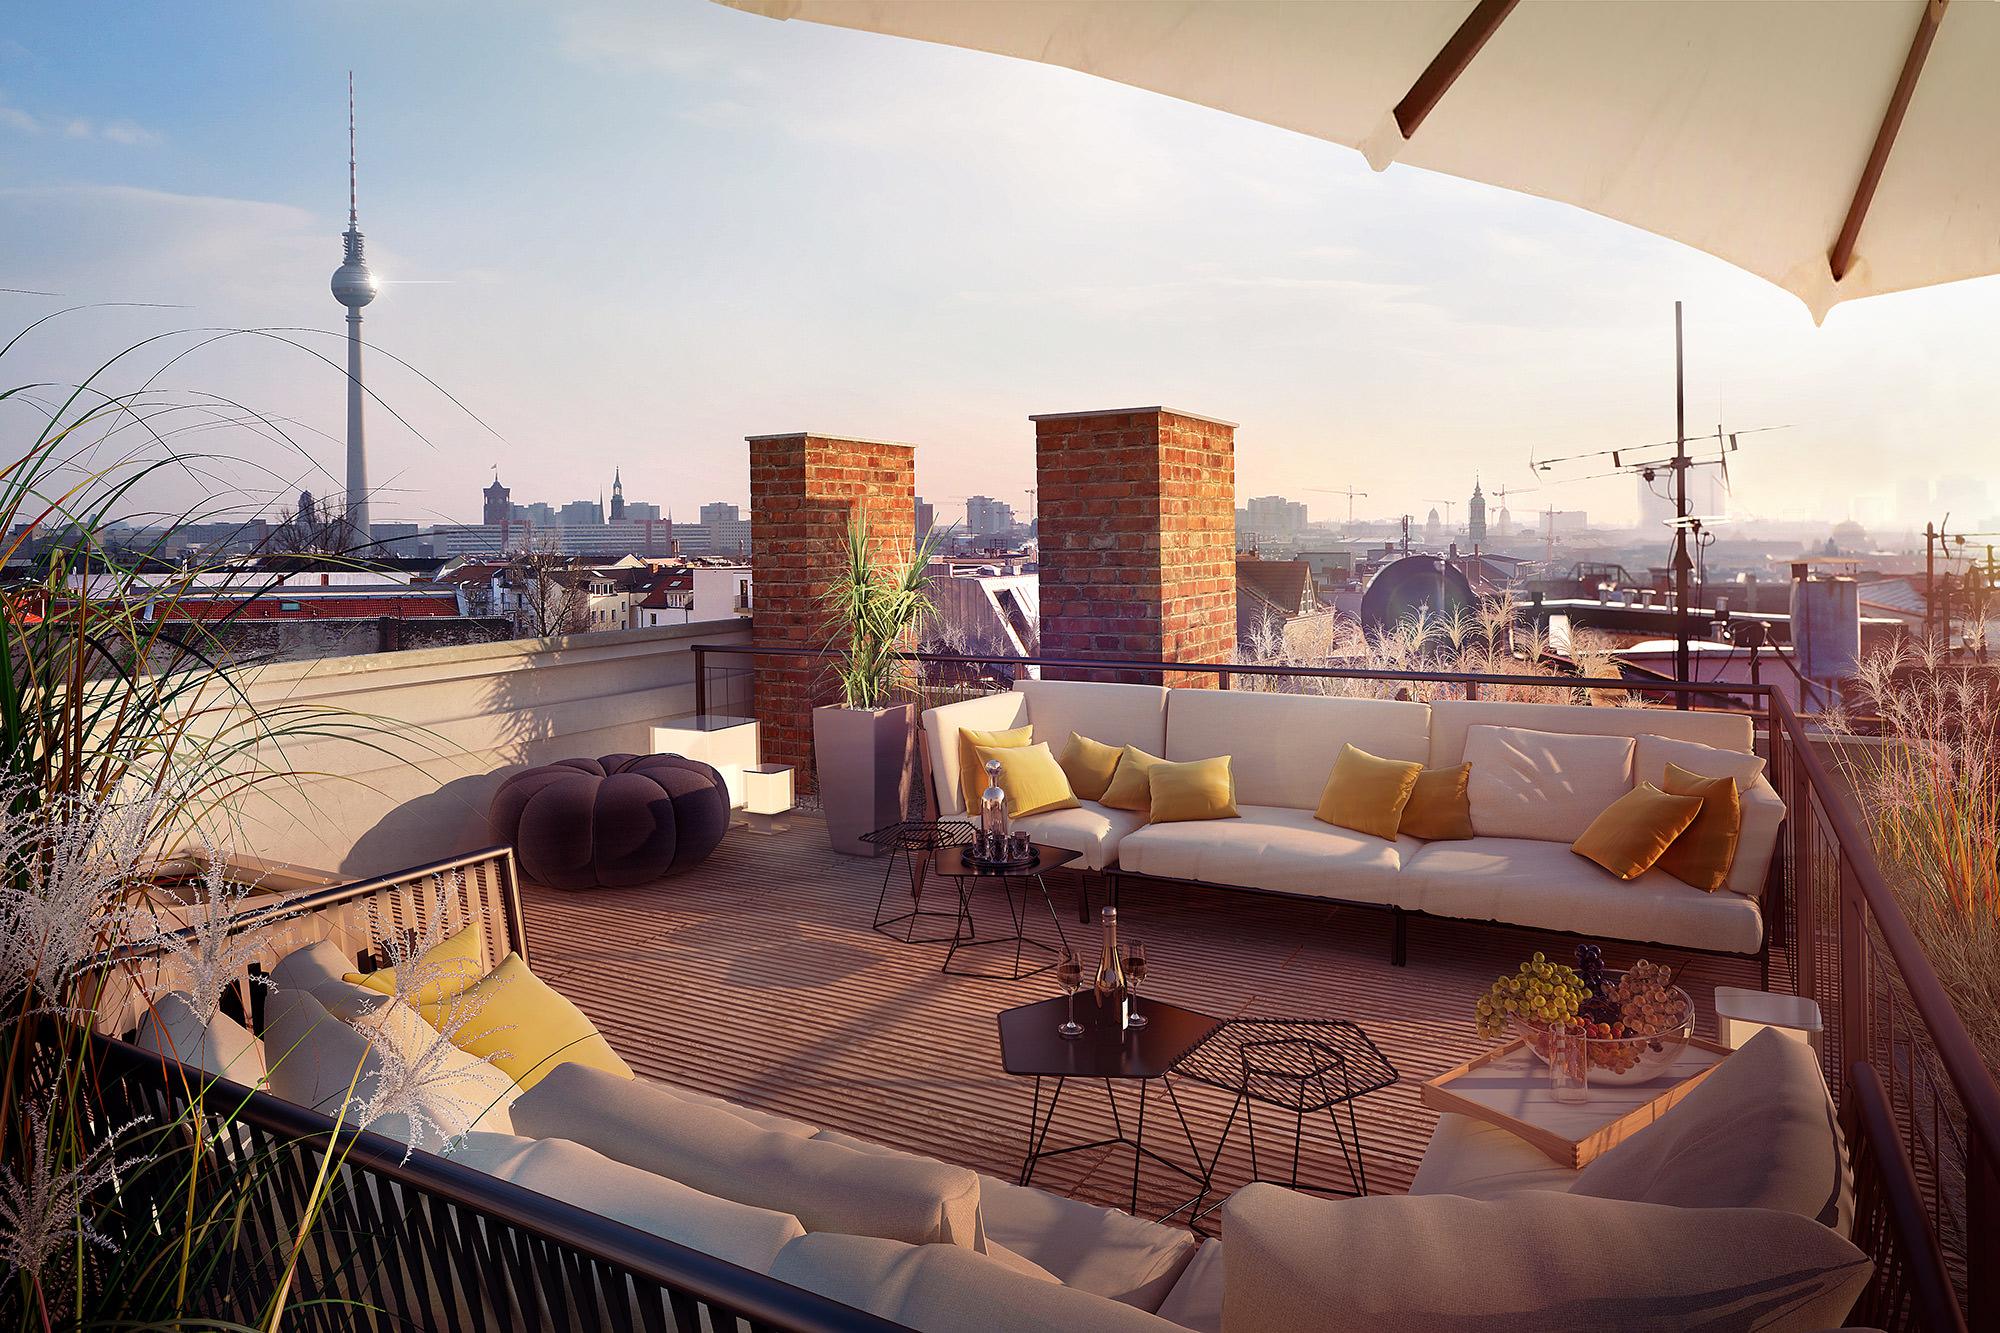 Berlin rooftop